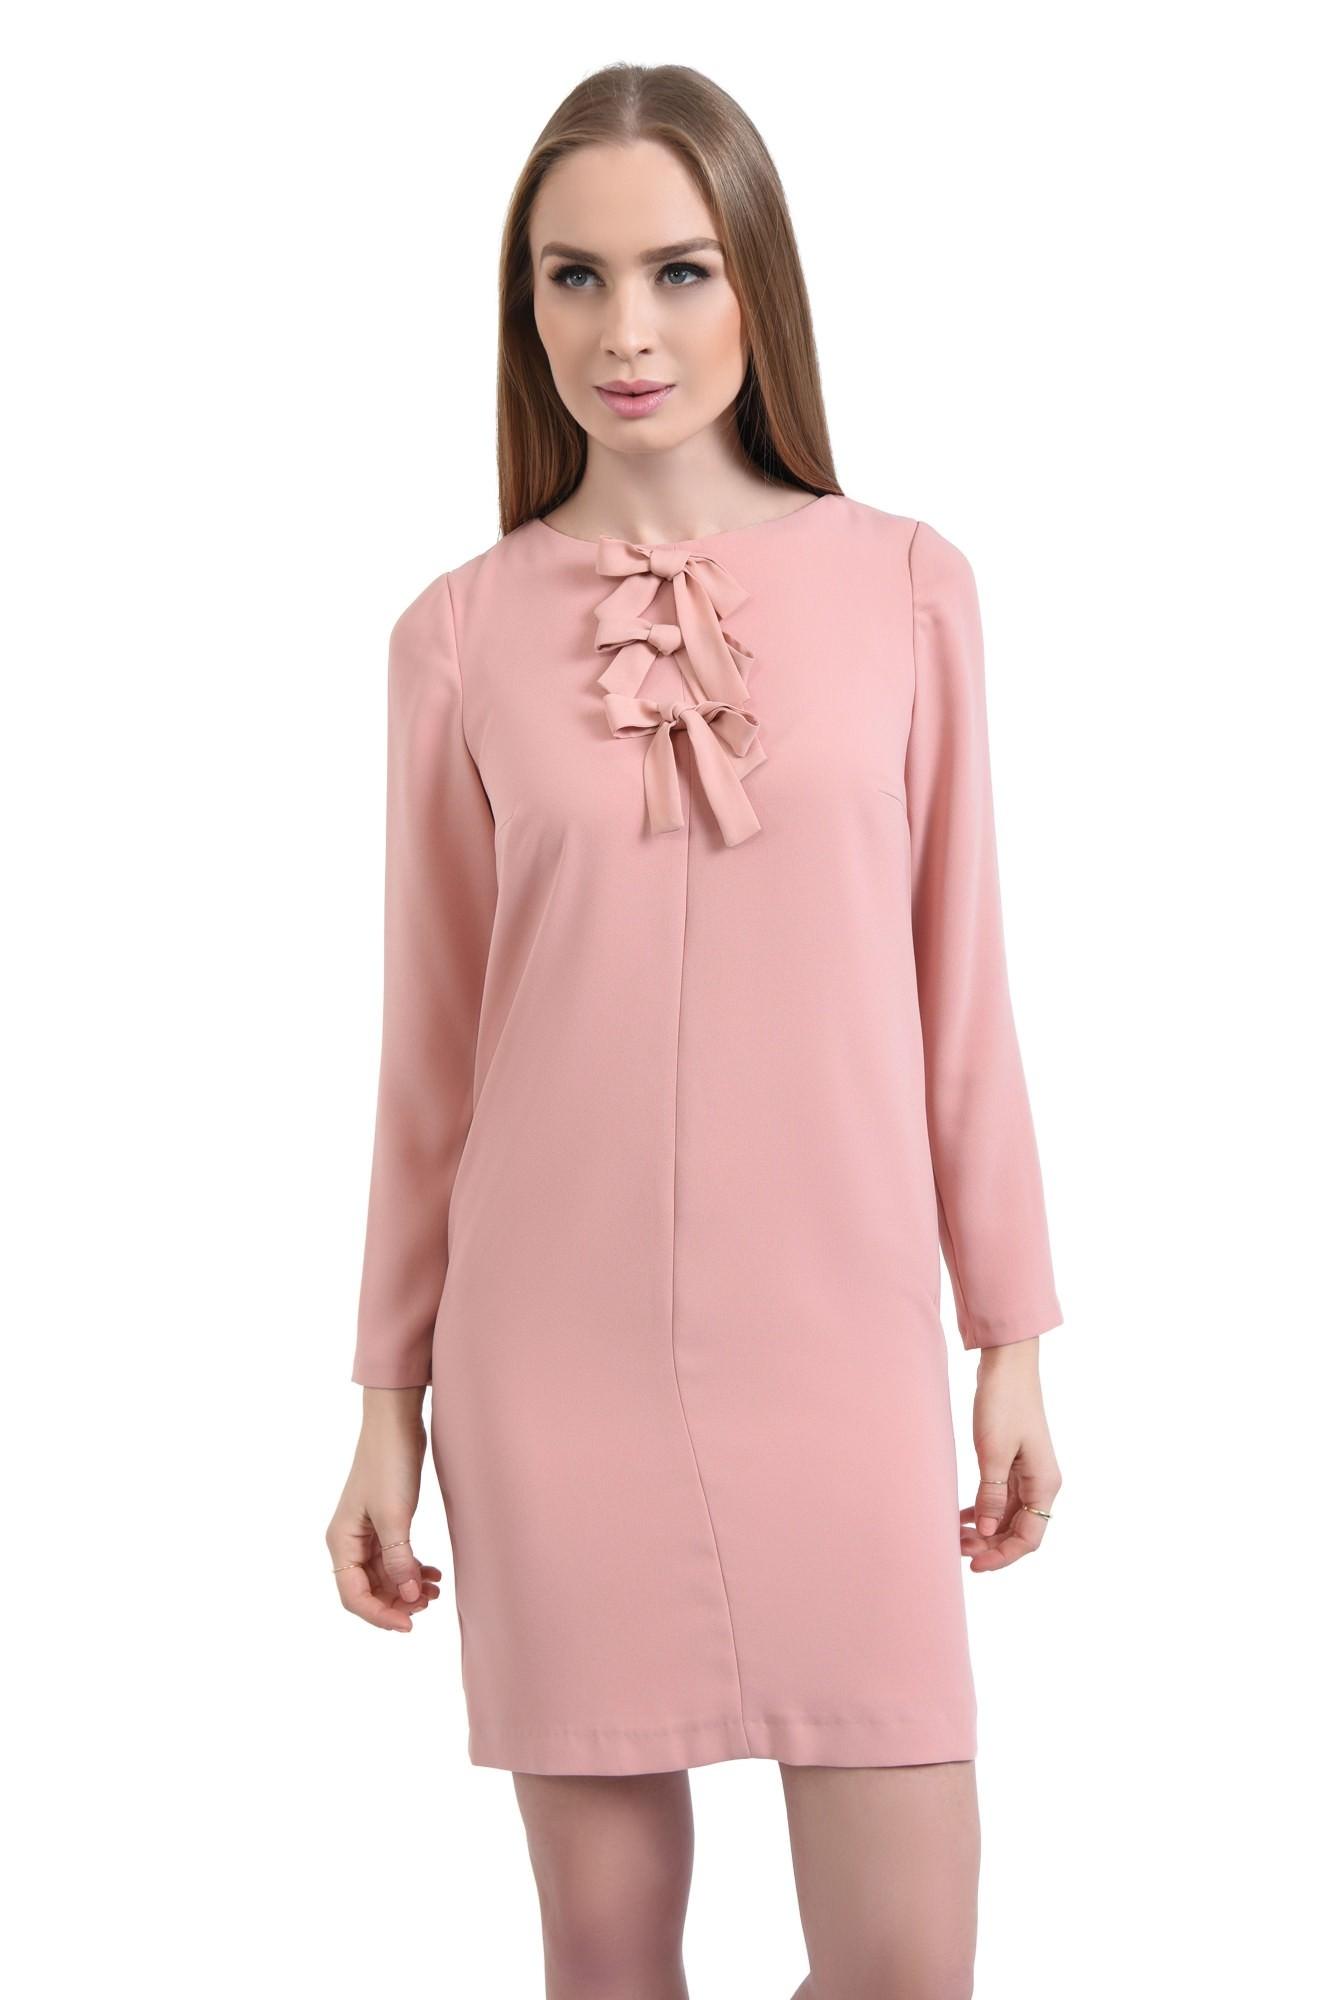 0 - Rochie casual scurta, roz